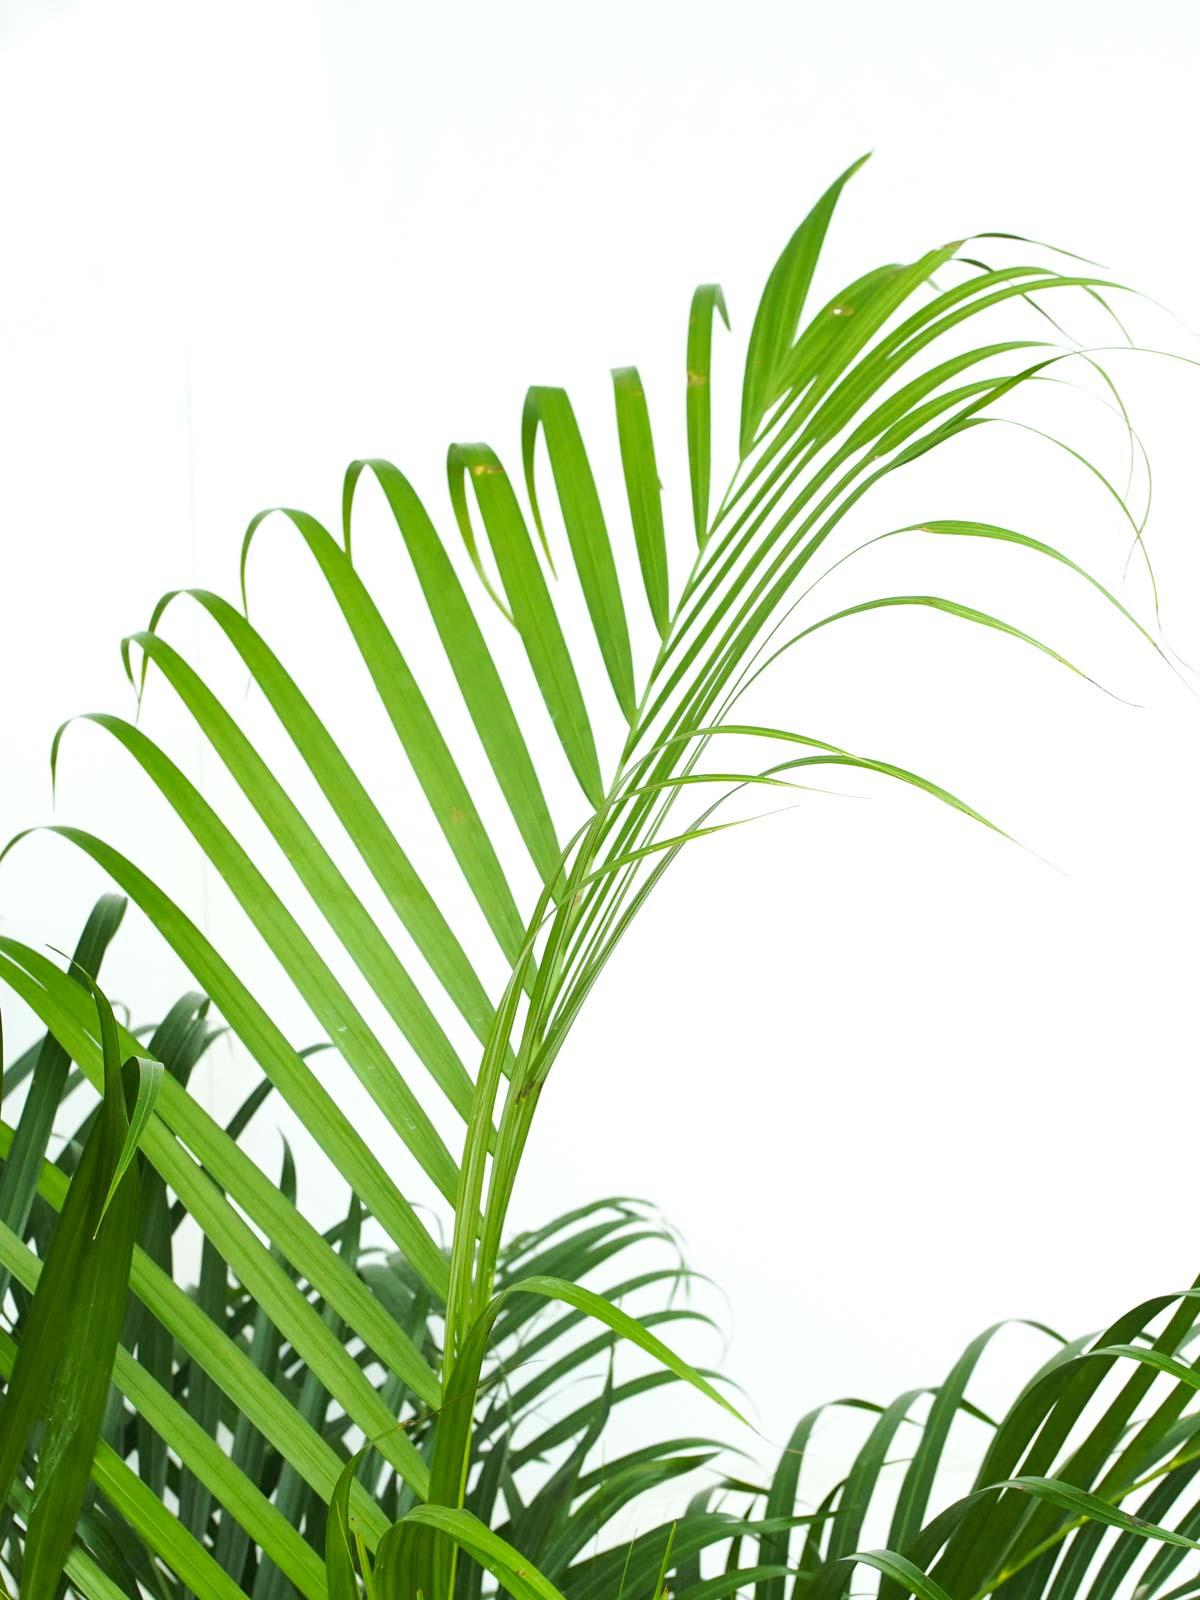 نخلة أريكا  'نباتات داخلية شجيرات